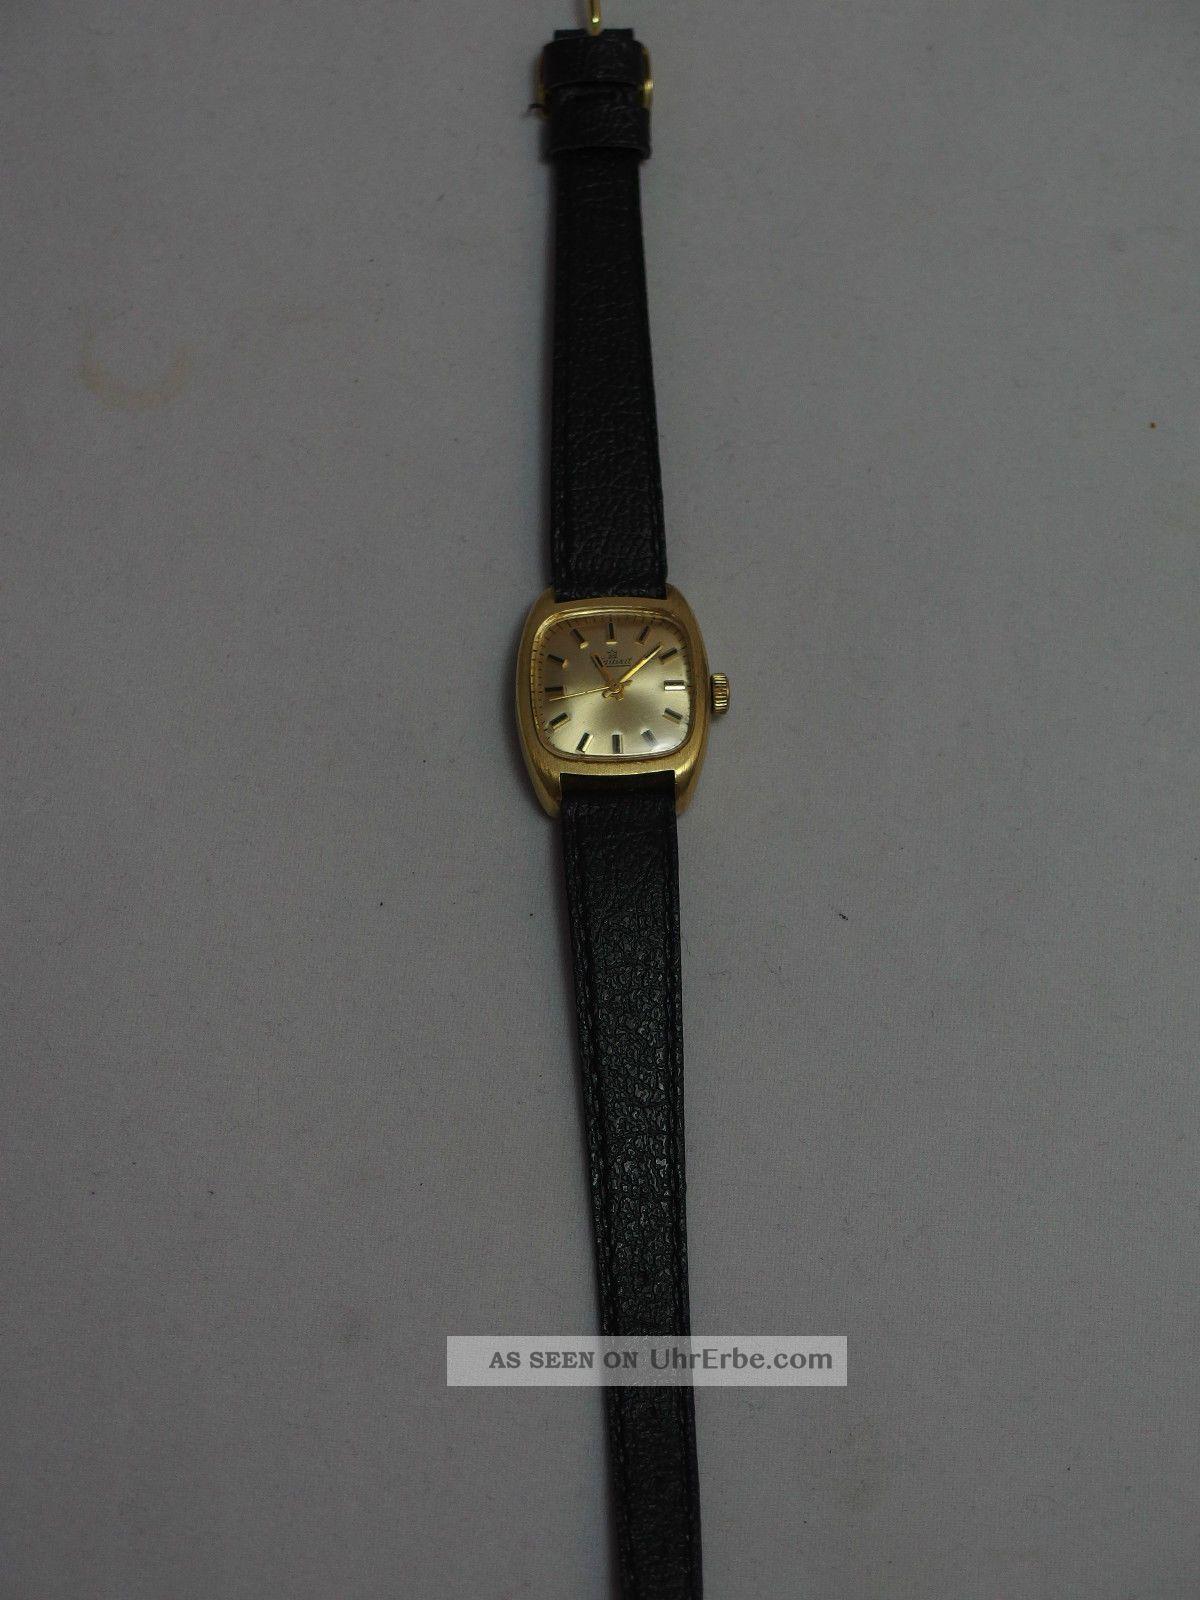 Exquisit Damenuhr Aufzugsuhr Vintage Retro /a3 Armbanduhren Bild